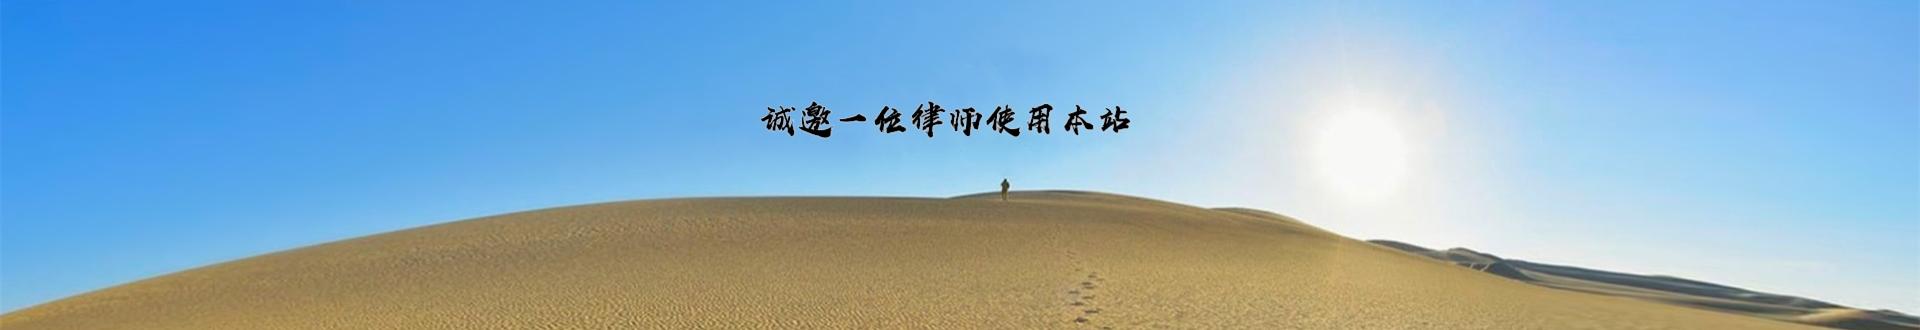 上海合同律师网6